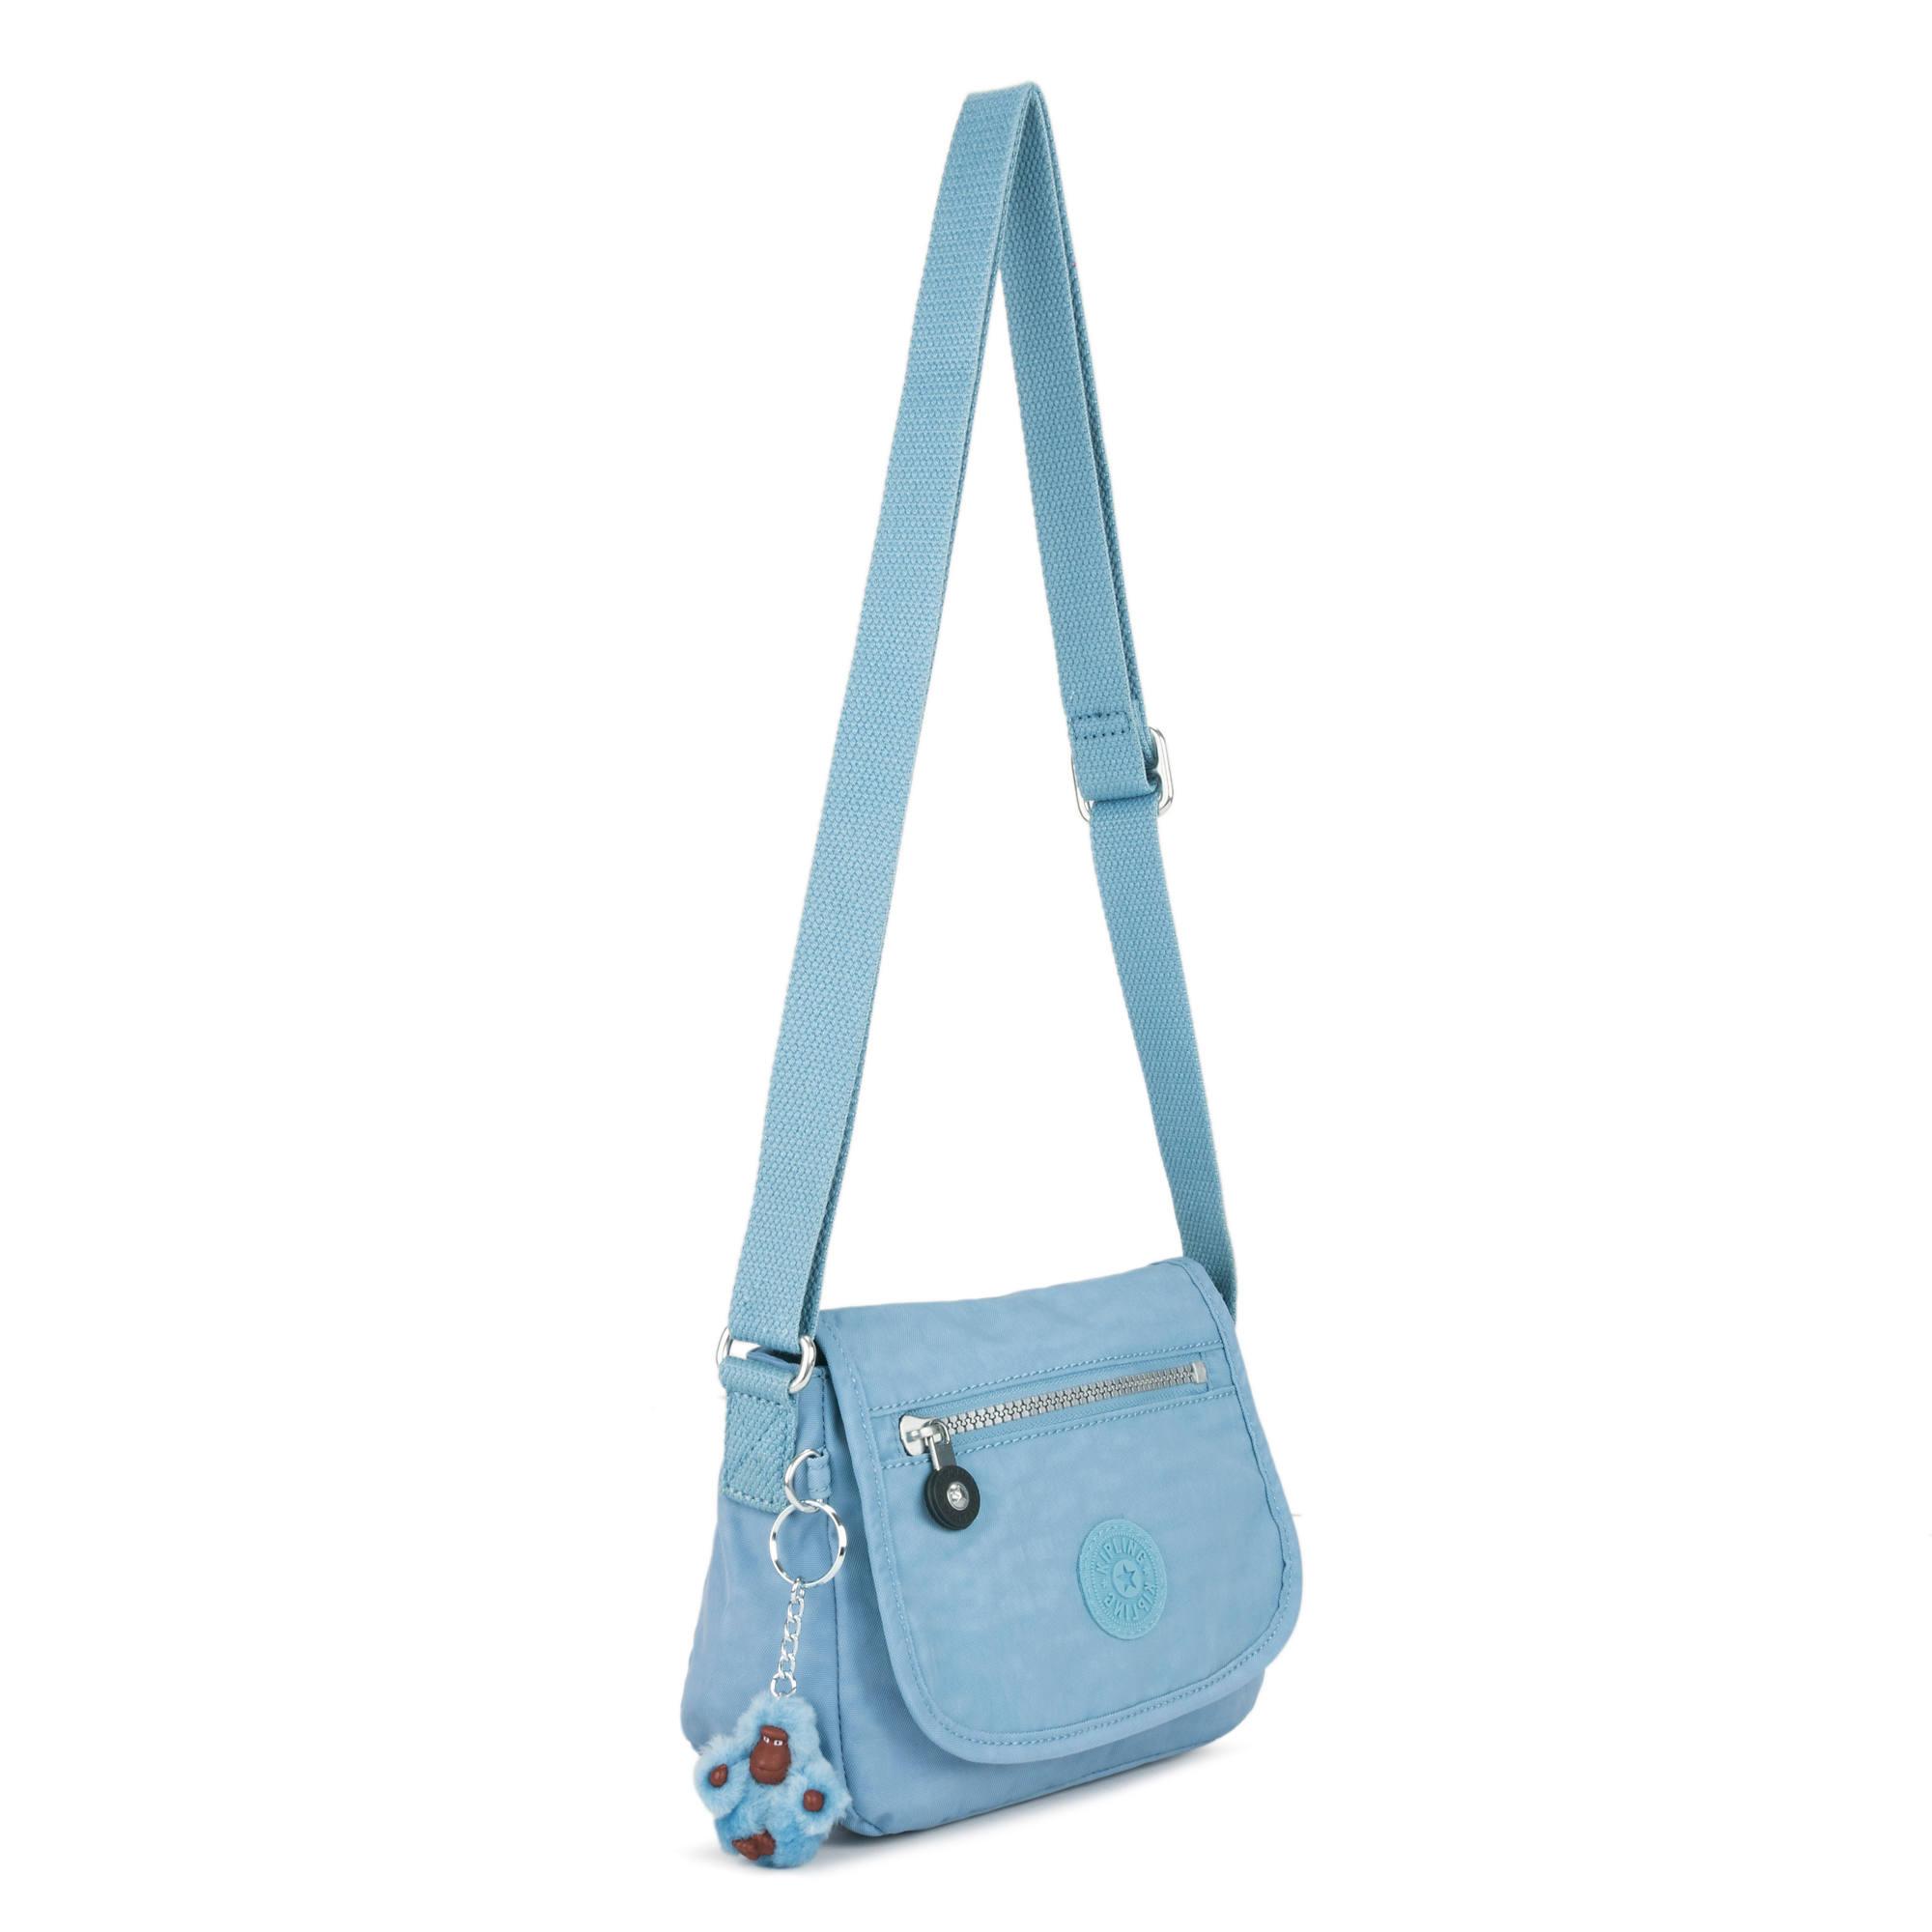 6afd817f7025 Sabian Crossbody Minibag